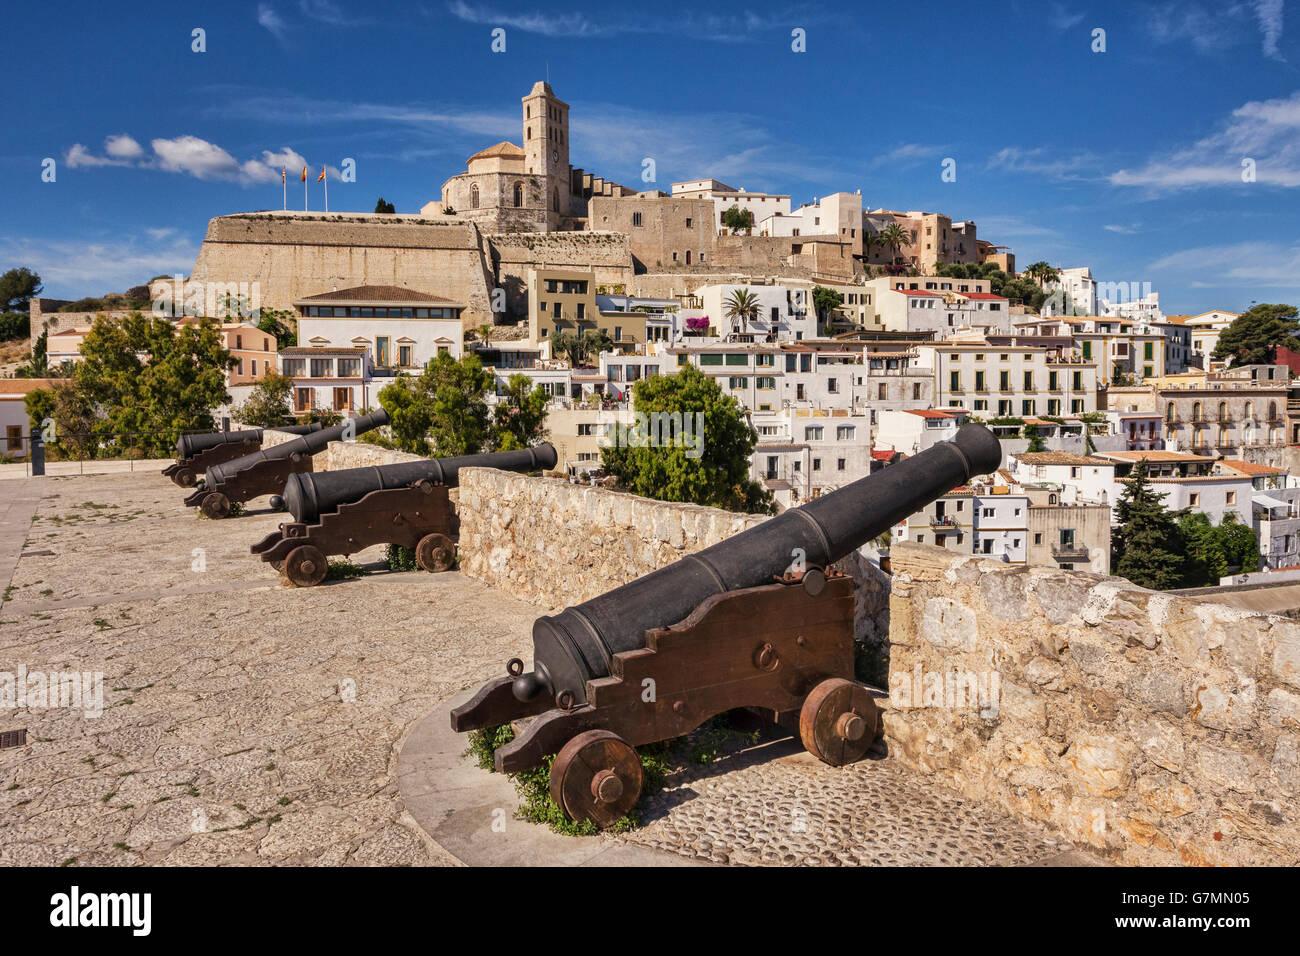 La Dalt Vila, la parte vecchia della città di Ibiza, dominata dalla Cattedrale, e cannone montato sulle pareti Immagini Stock